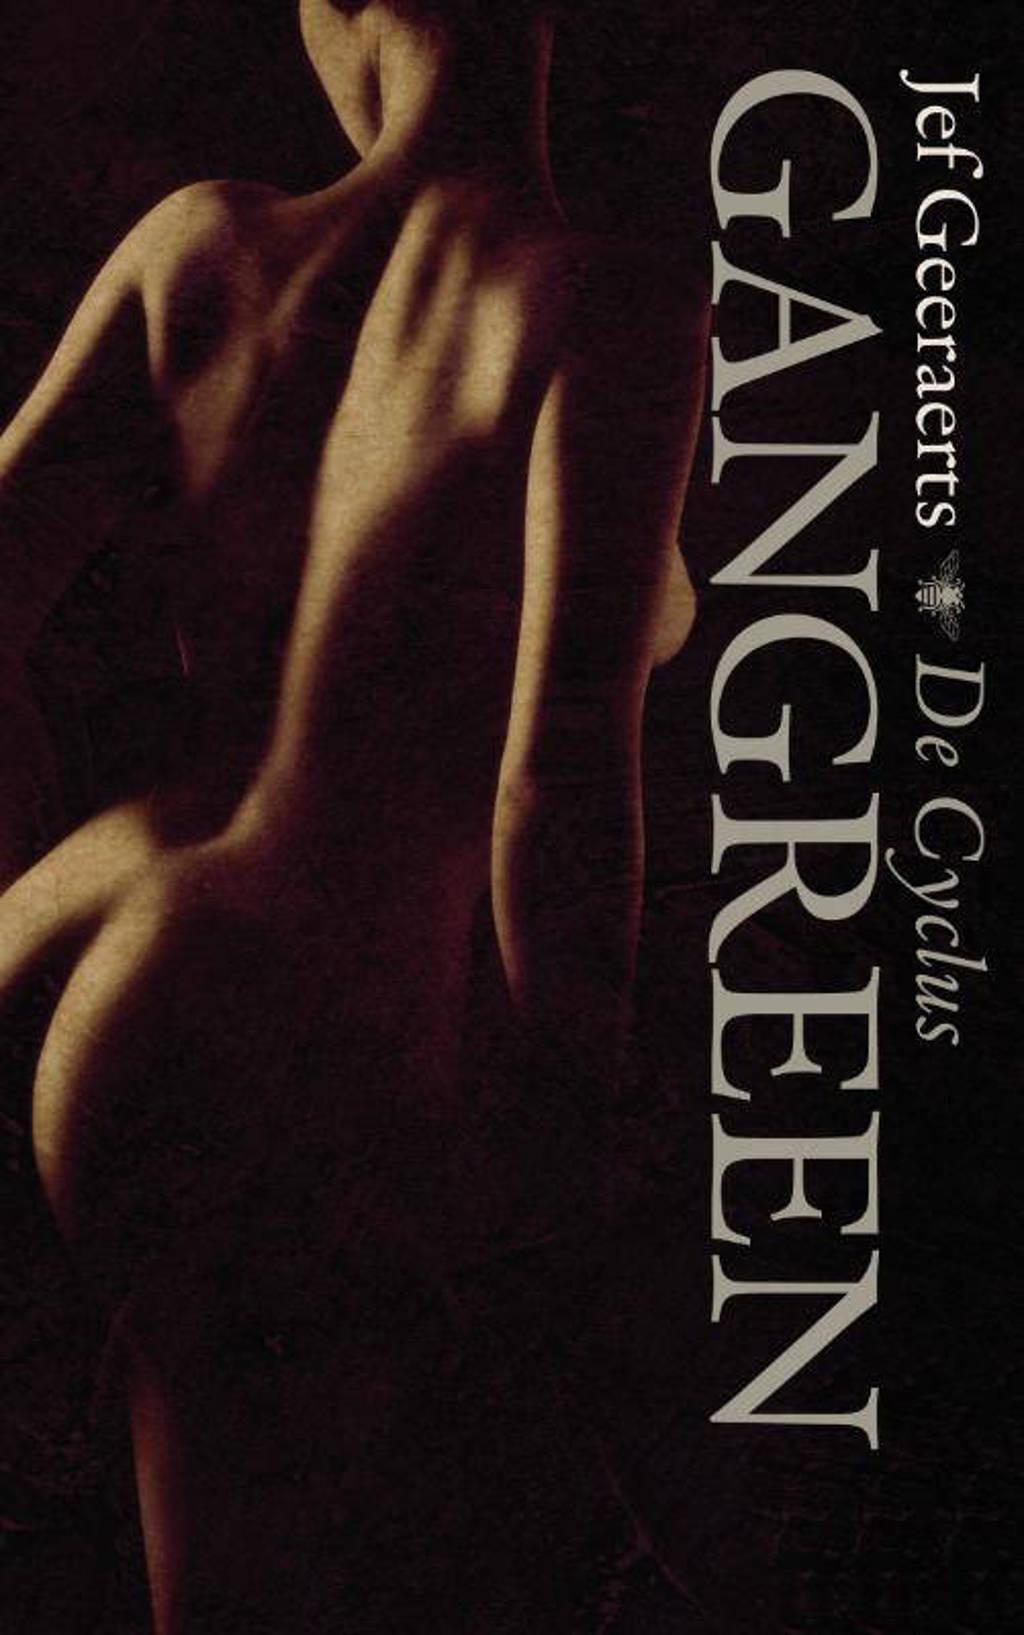 Gangreen - Jef Geeraerts